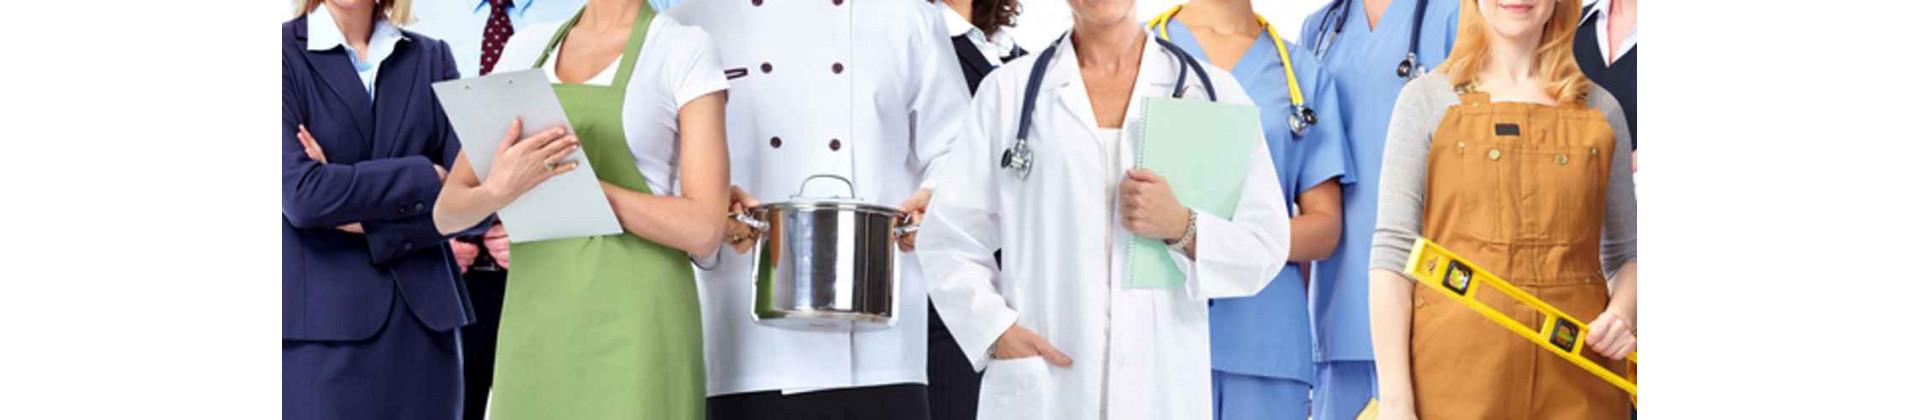 Tenue hotellerie - Vêtements, tenues de travail professionnelles | CTH